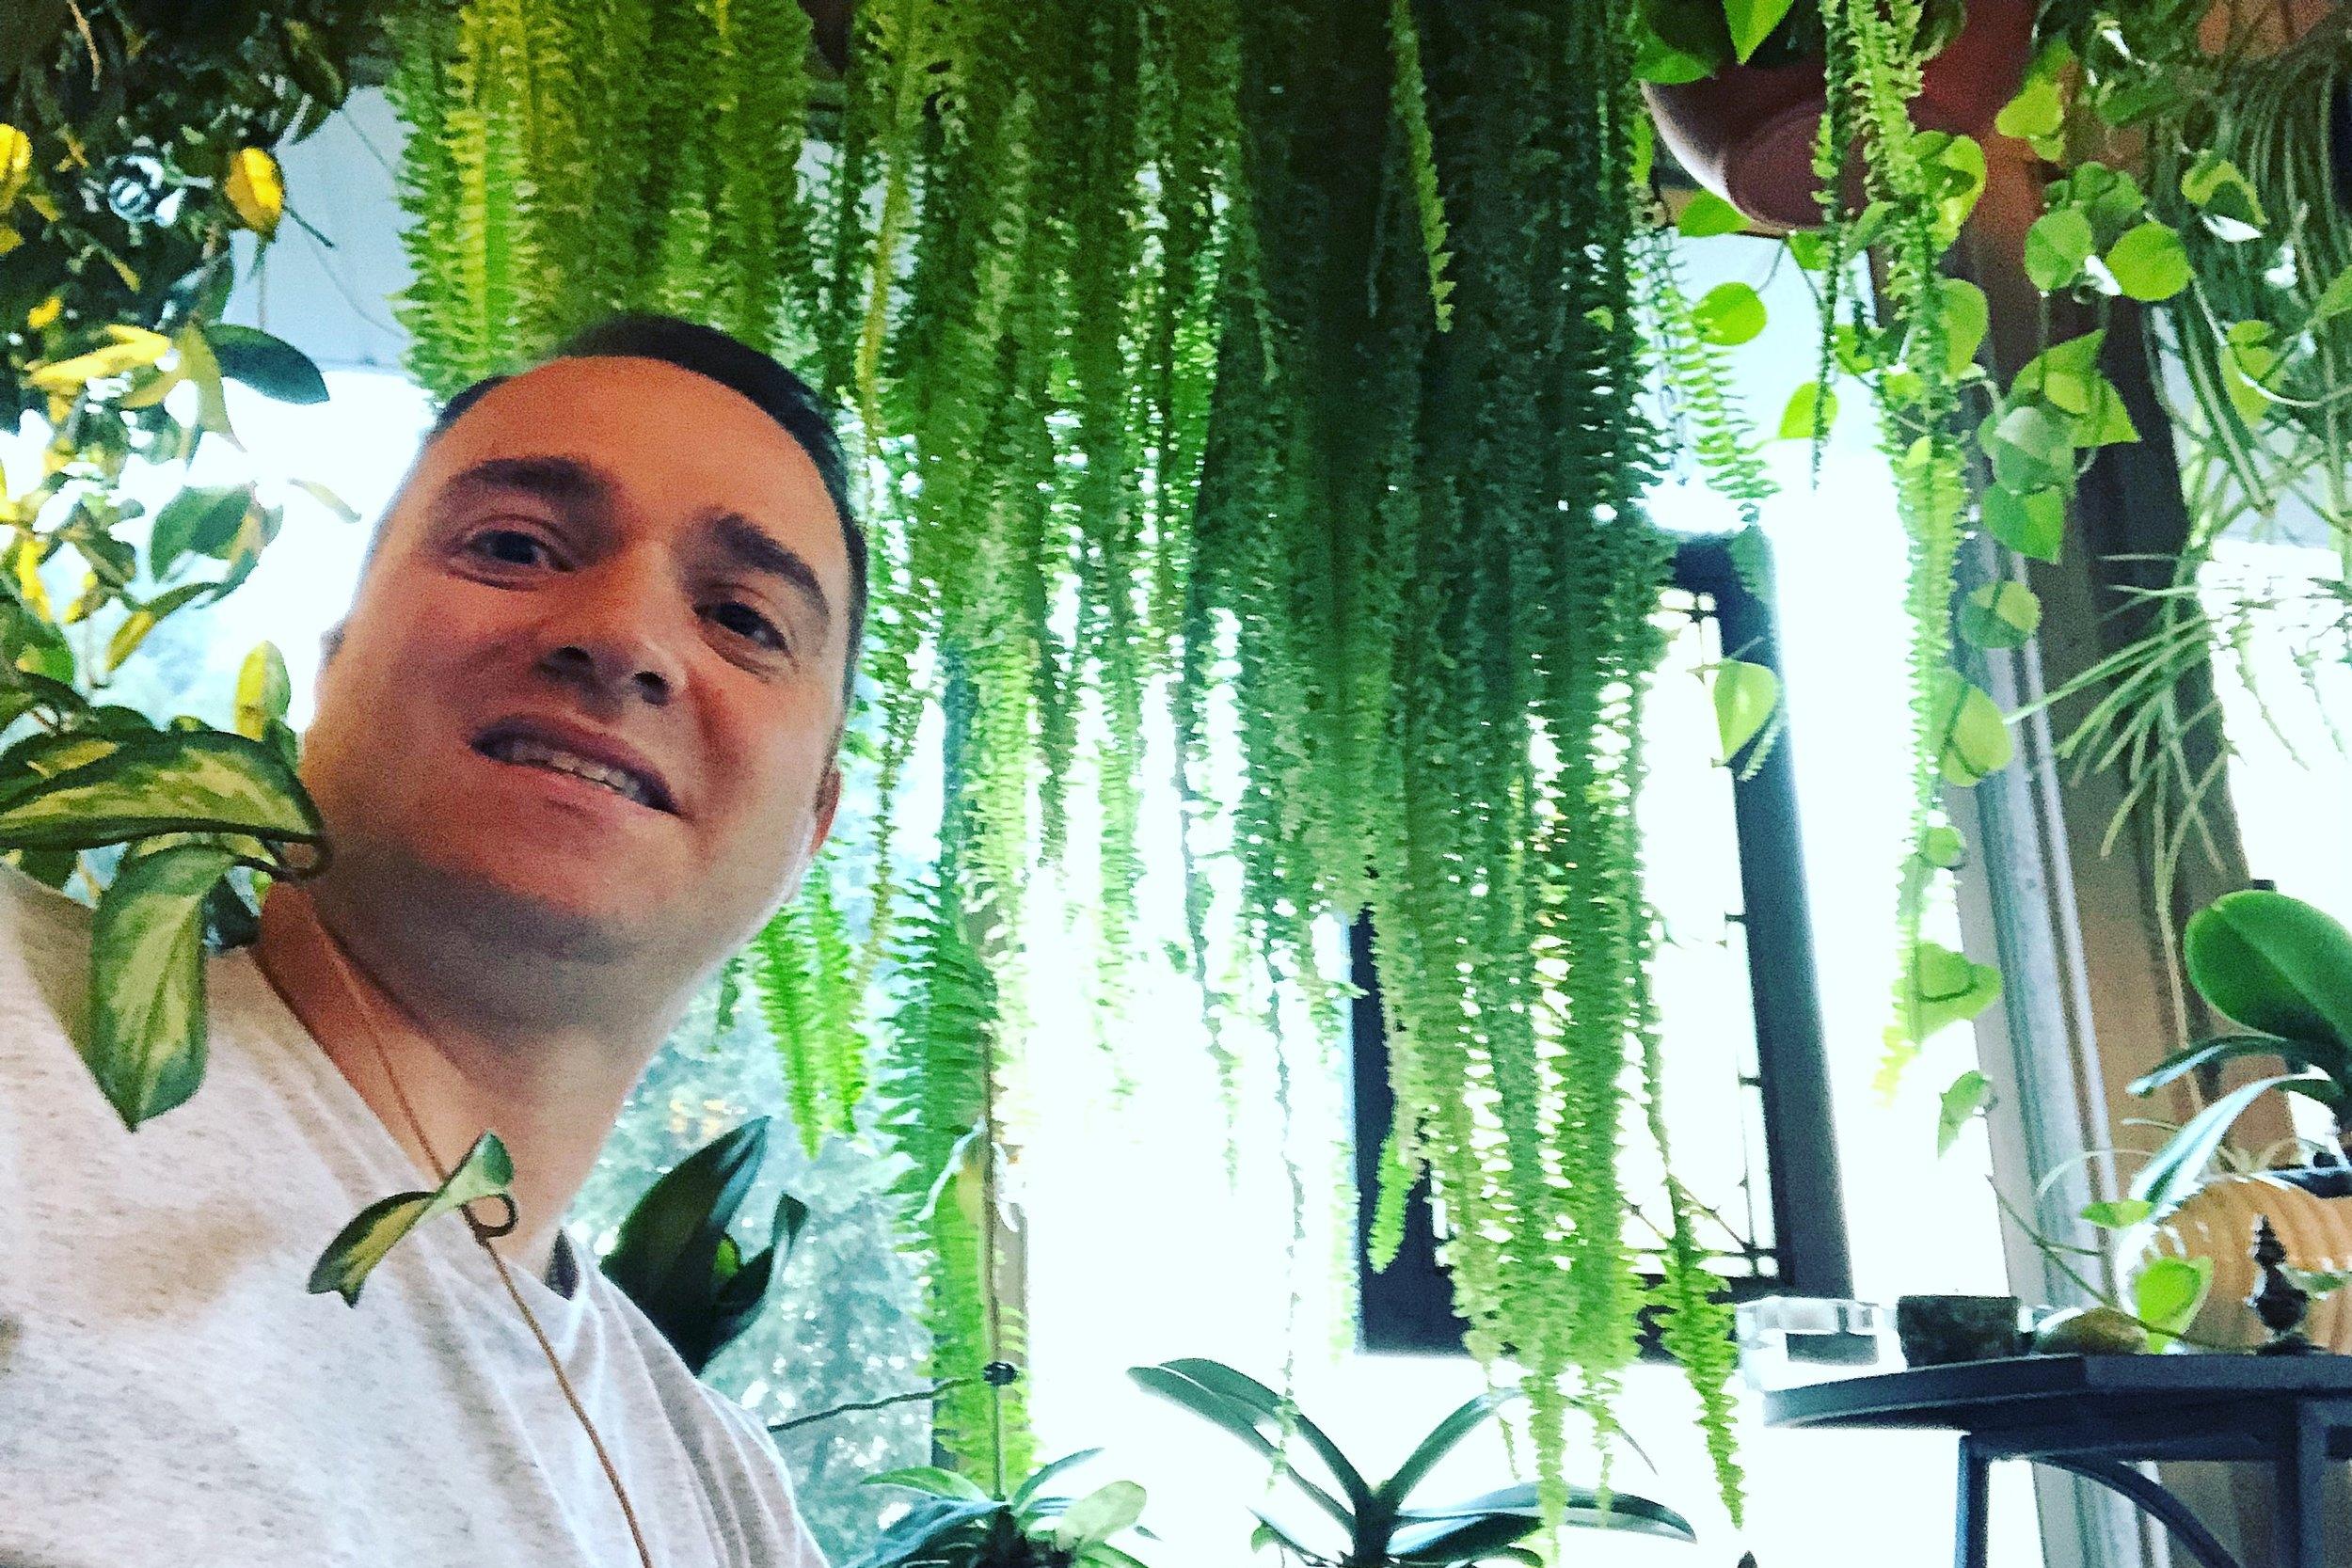 'Hello, my name is fern!' Raffaelle with his massive fern. Photograph: Rafaelle di Lallo.